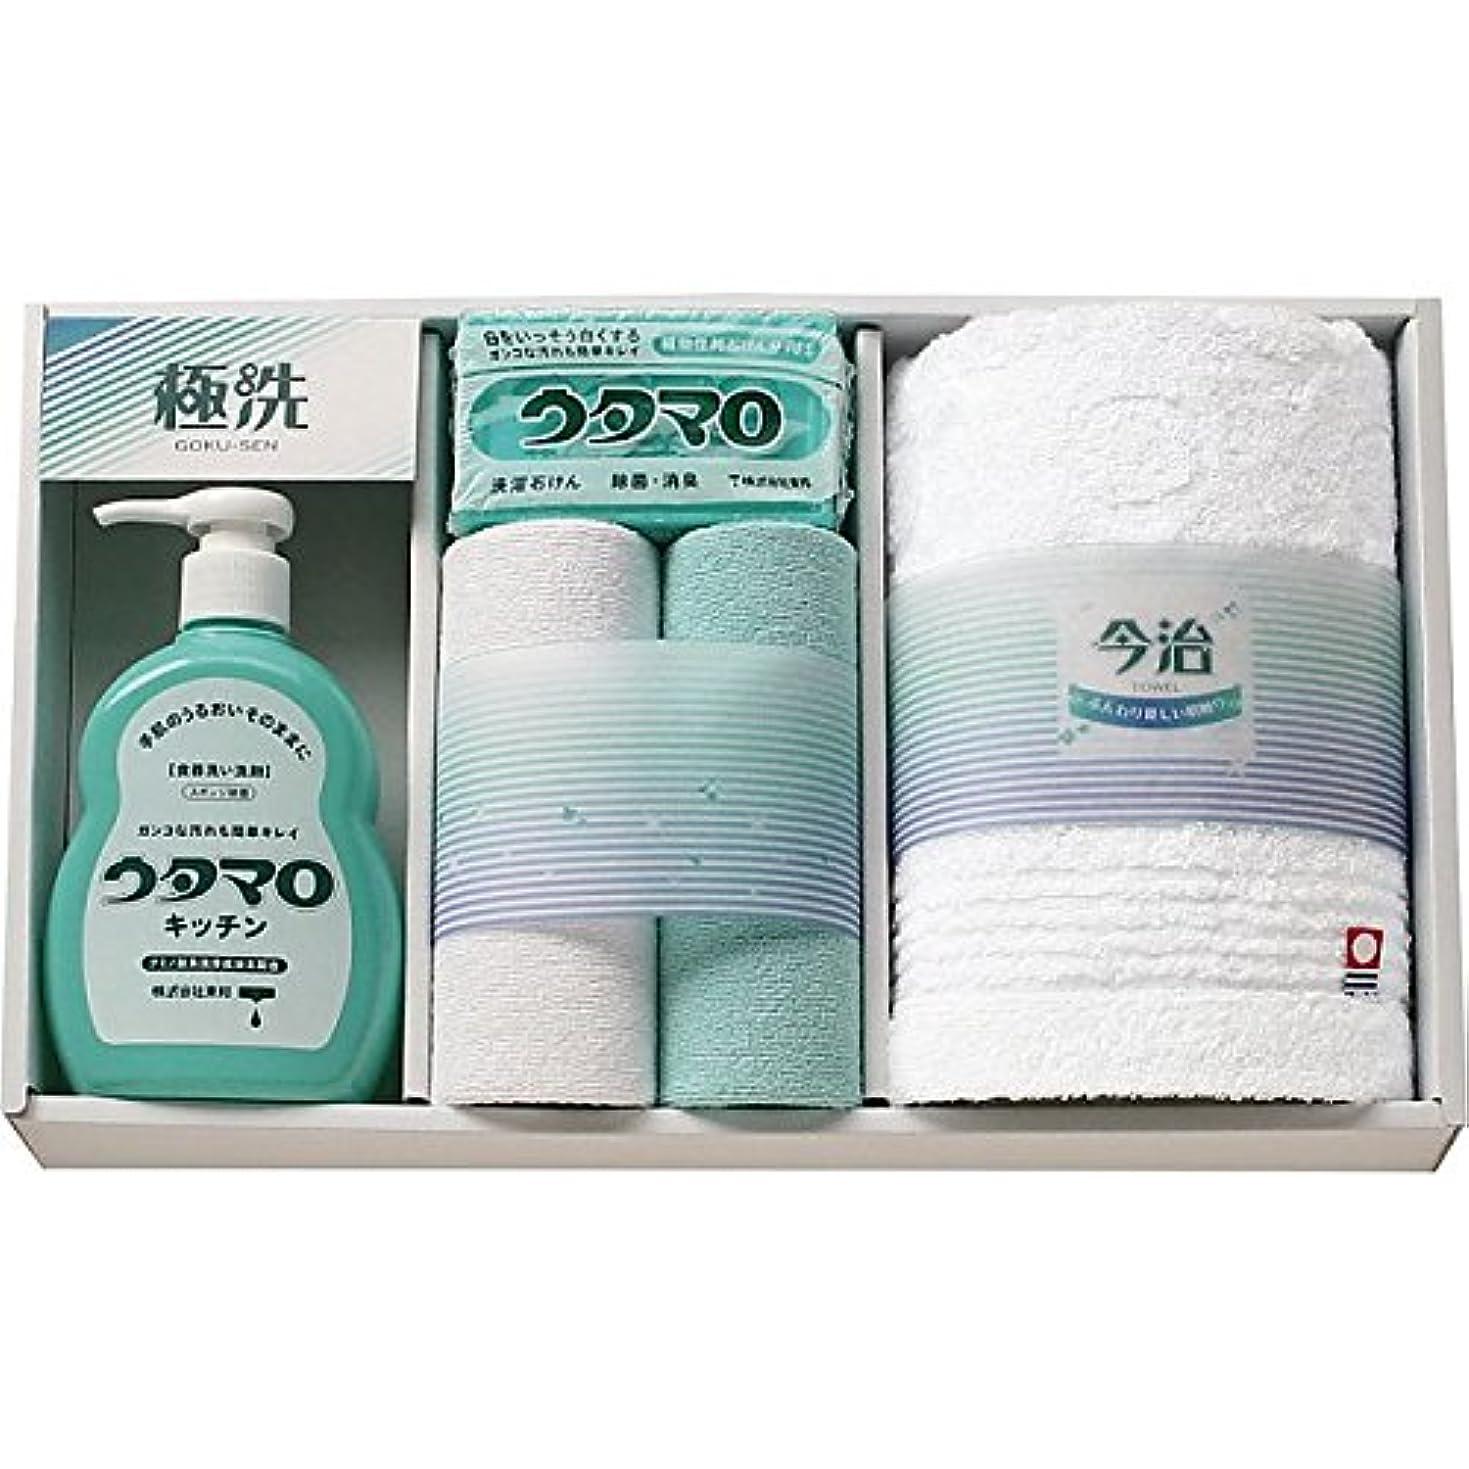 に向けて出発寛大な麻痺させる( ウタマロ ) 石鹸?キッチン洗剤ギフト ( 835-1055r )